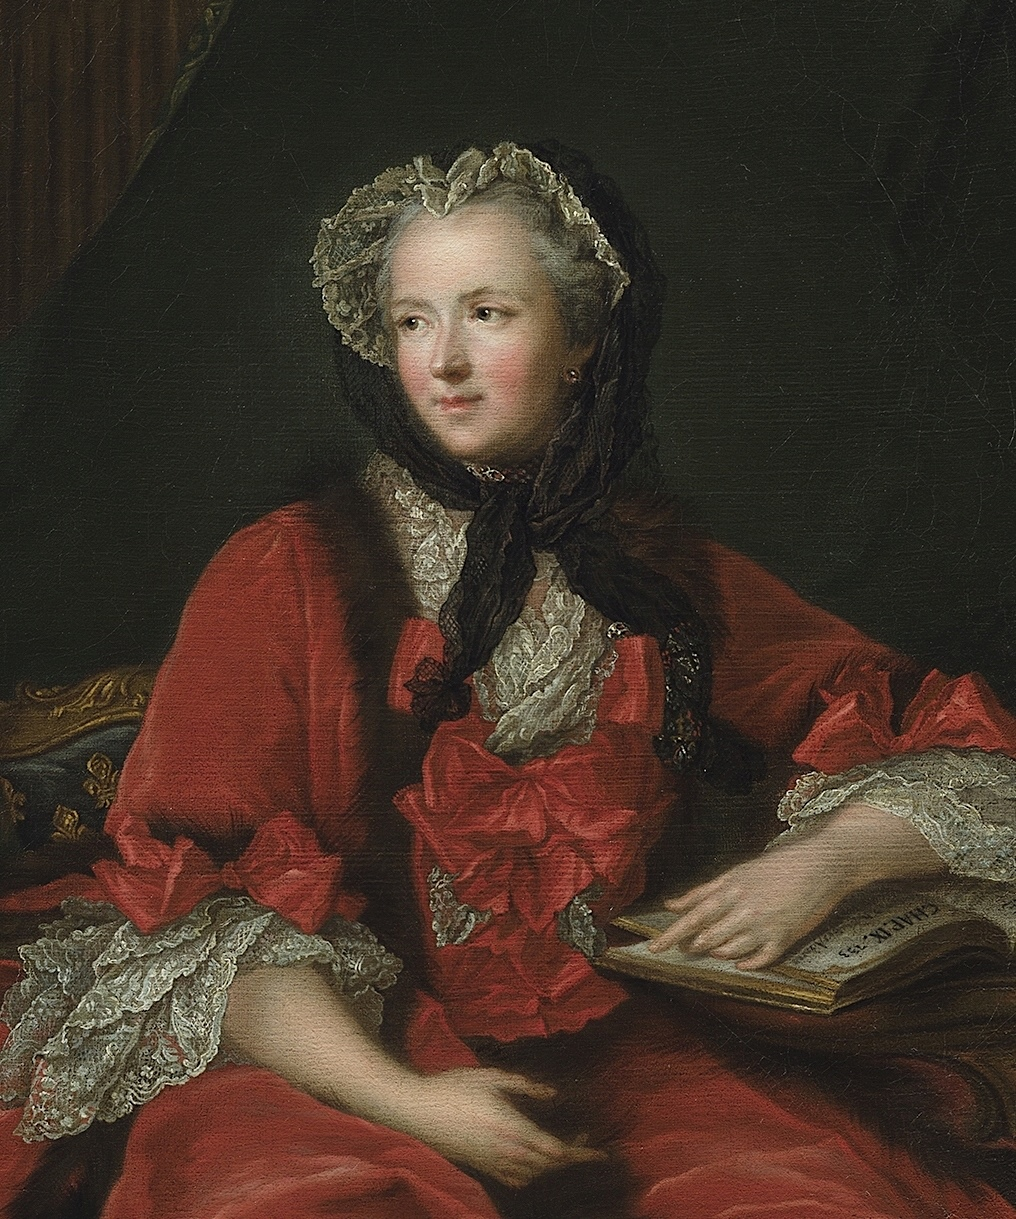 La reine Marie Leszczynska - Page 2 Emuseu17